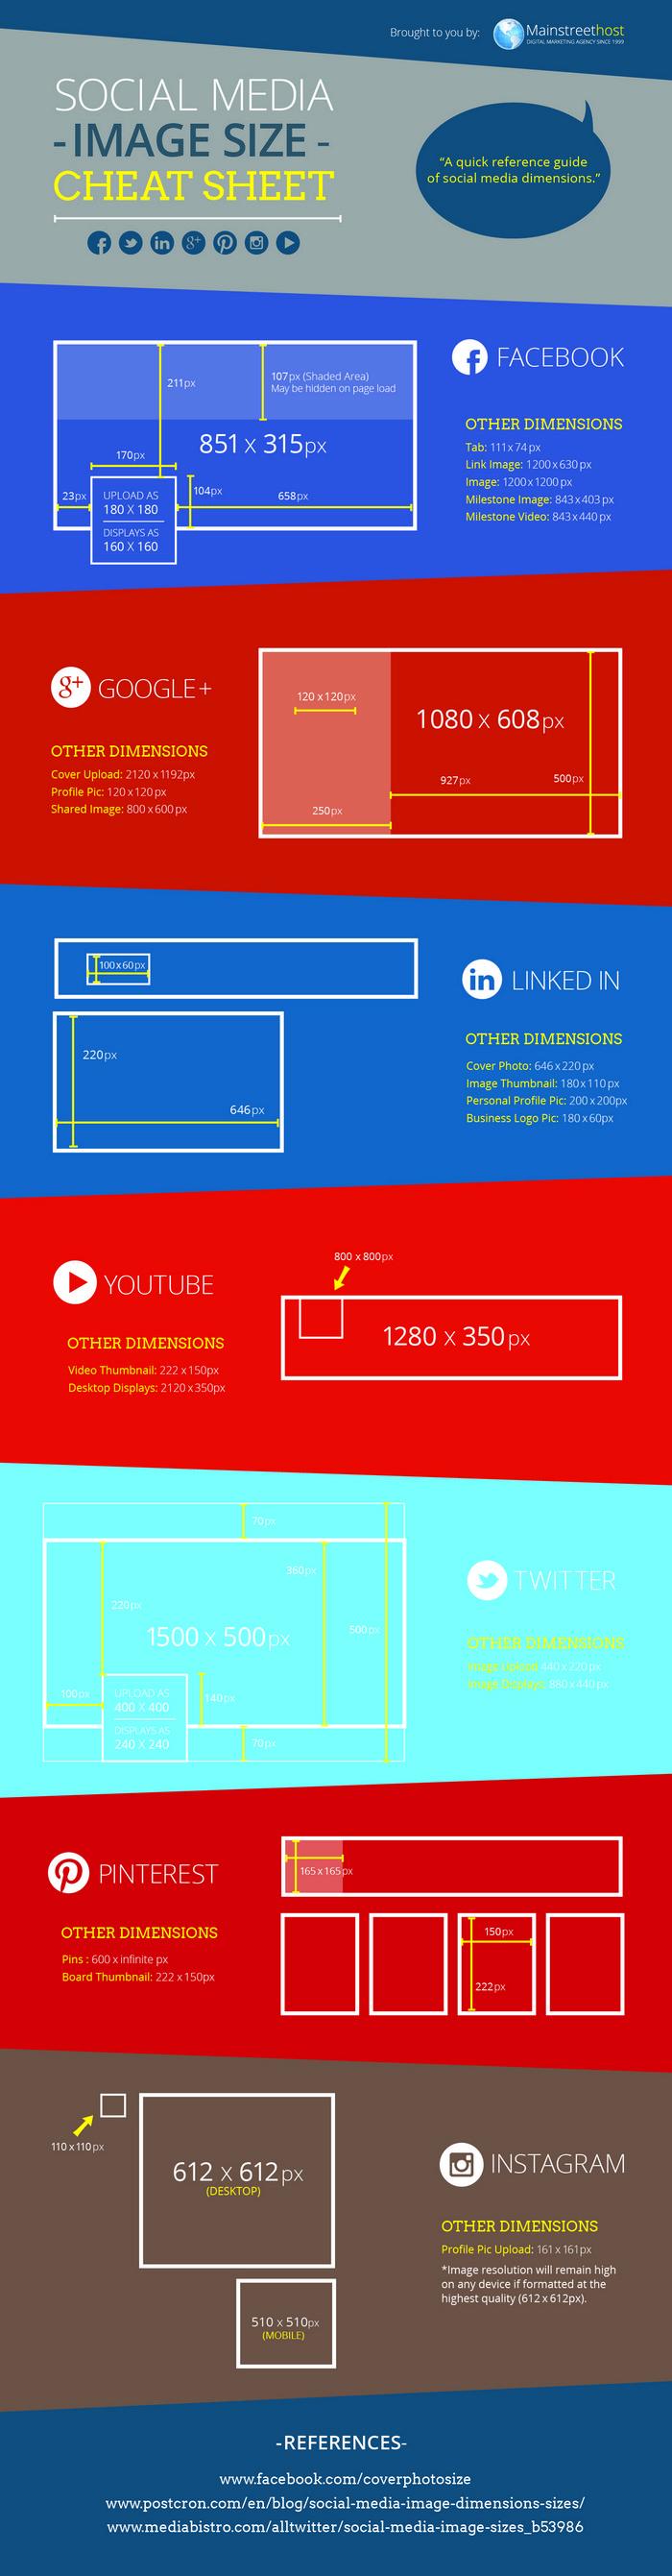 medidas-imagenes-redes-sociales